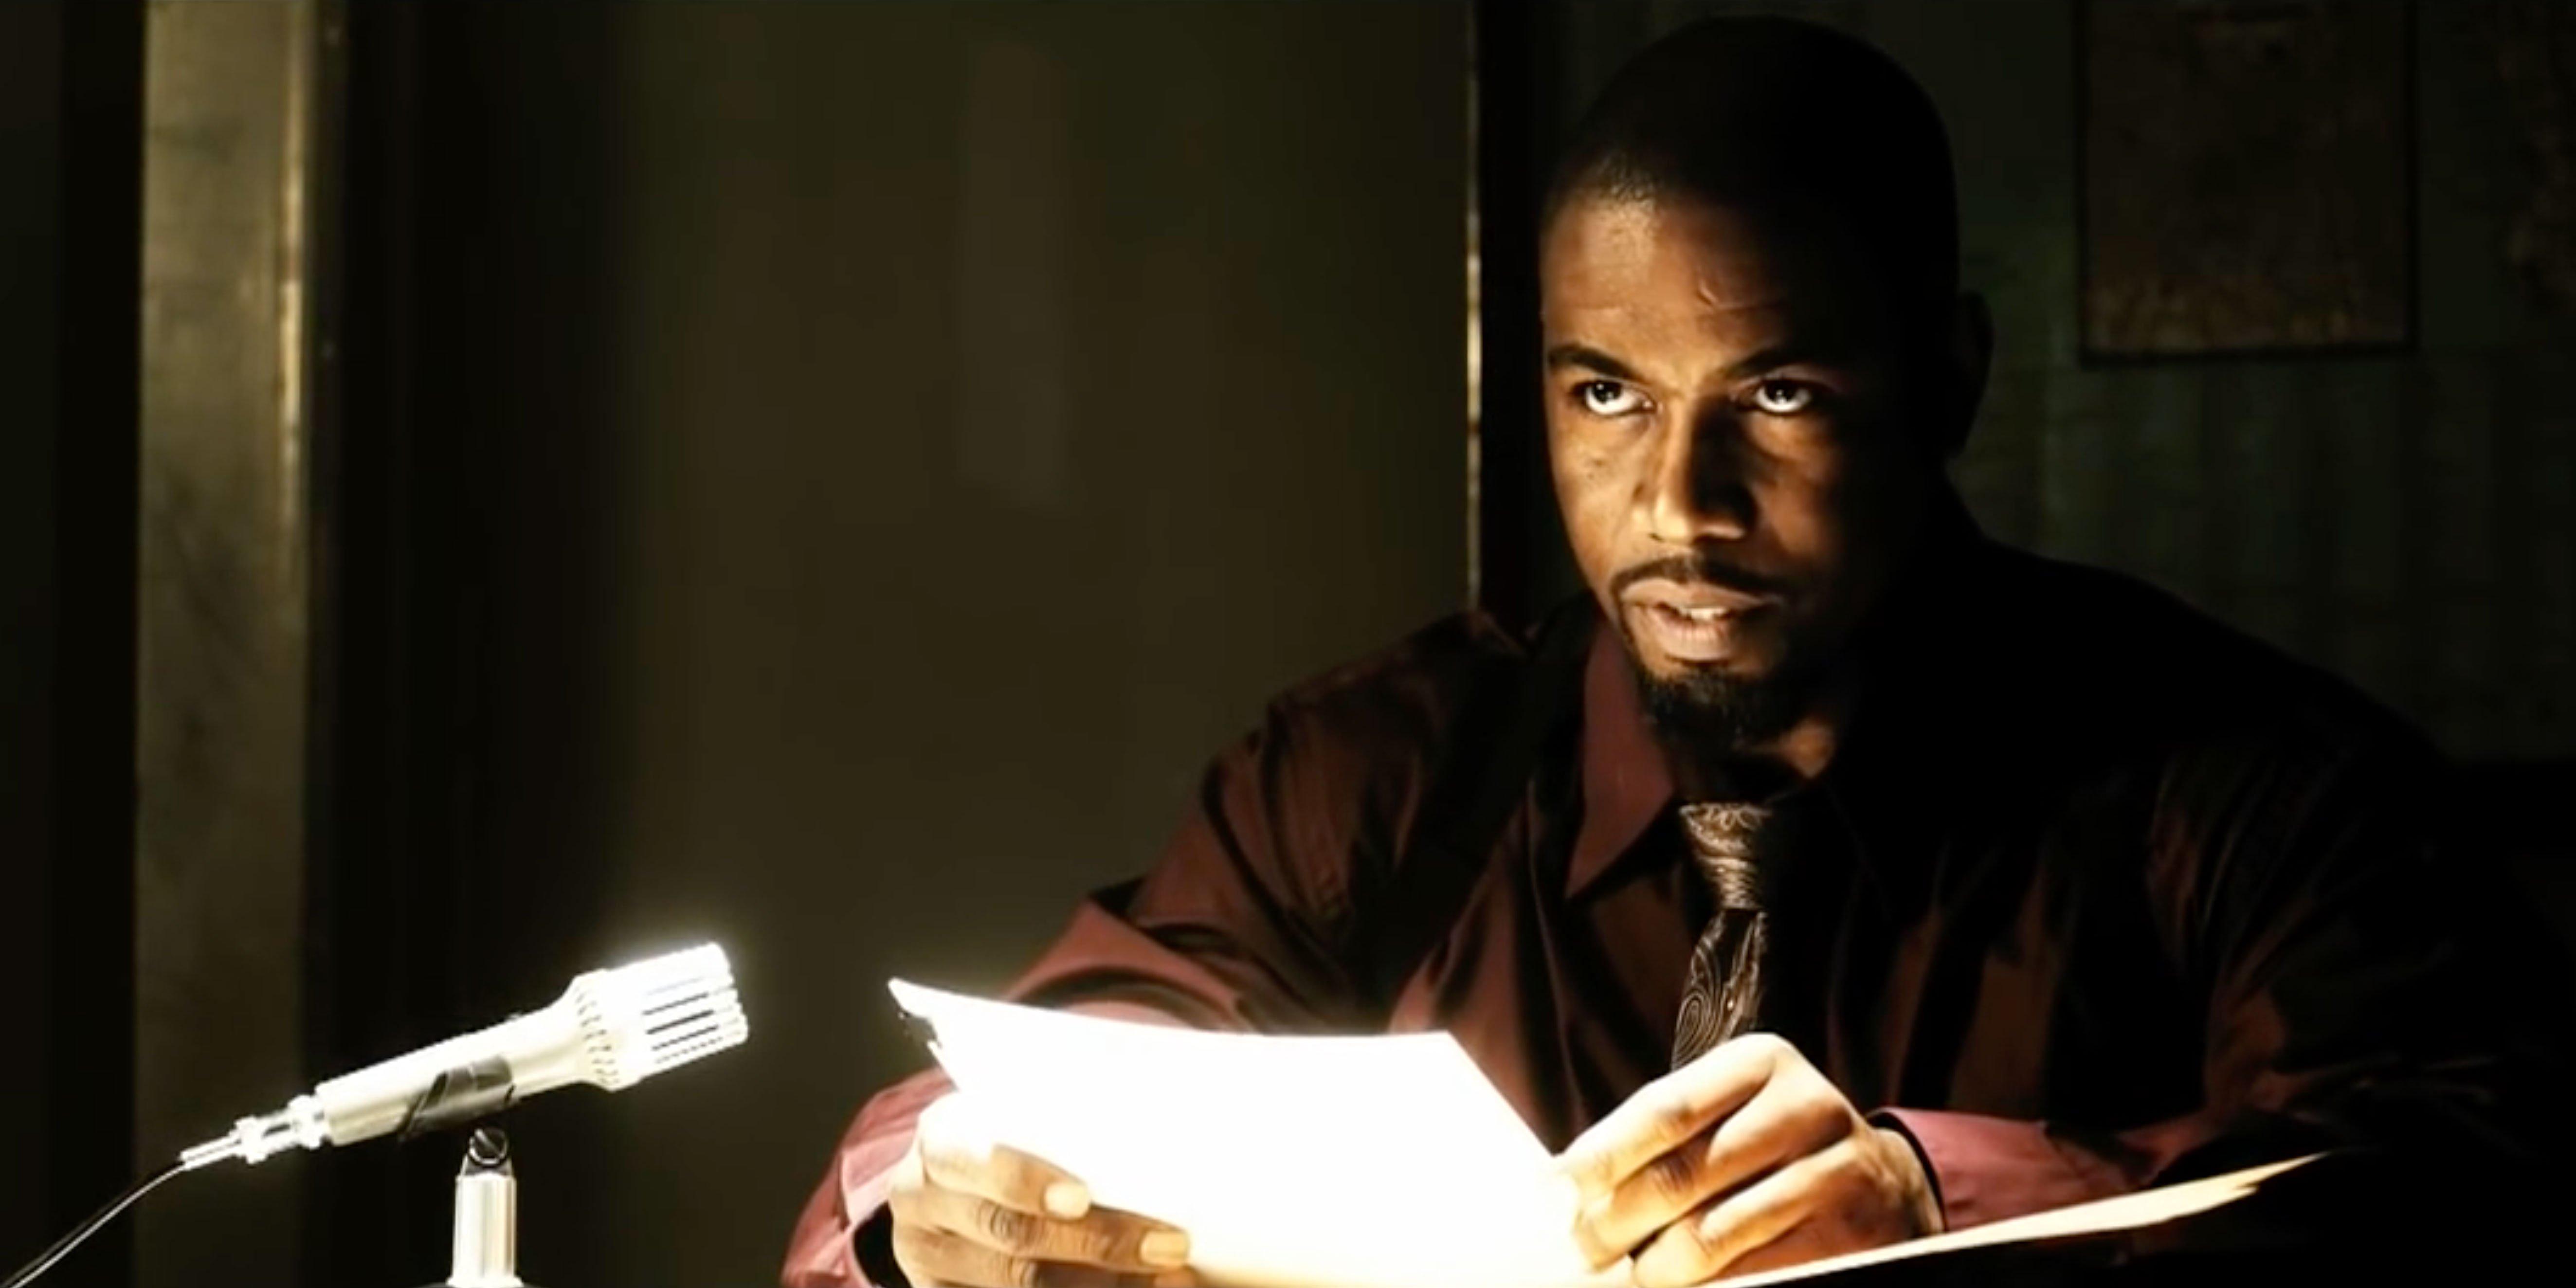 Michael Jai White as Jax Briggs in Mortal Kombat: Rebirth